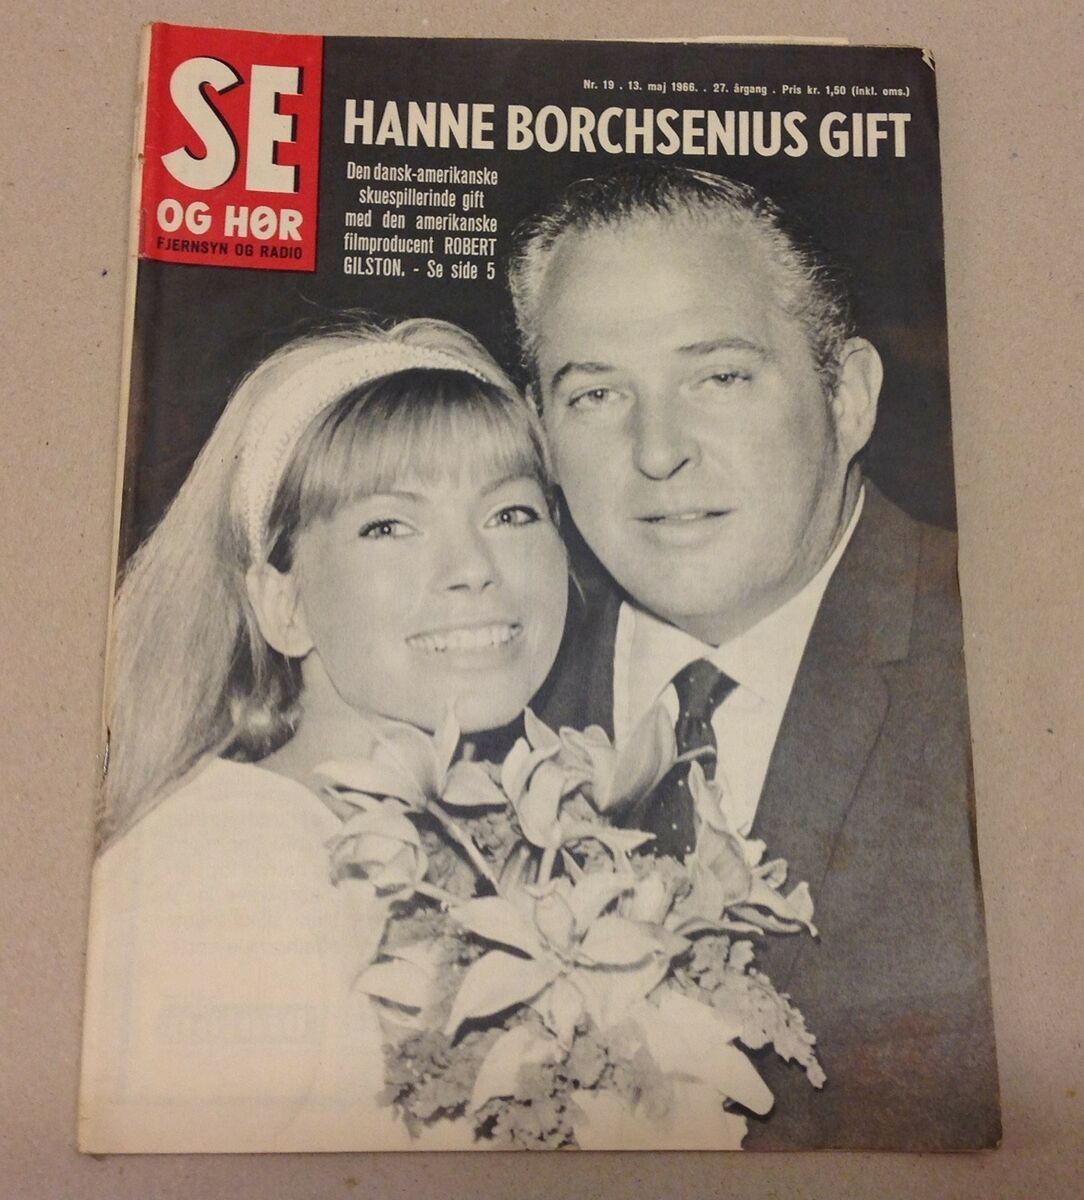 SE OG HØR 1966 13 MAJ NUMMER 19, Blad – dba.dk – Køb og Salg af Nyt og Brugt